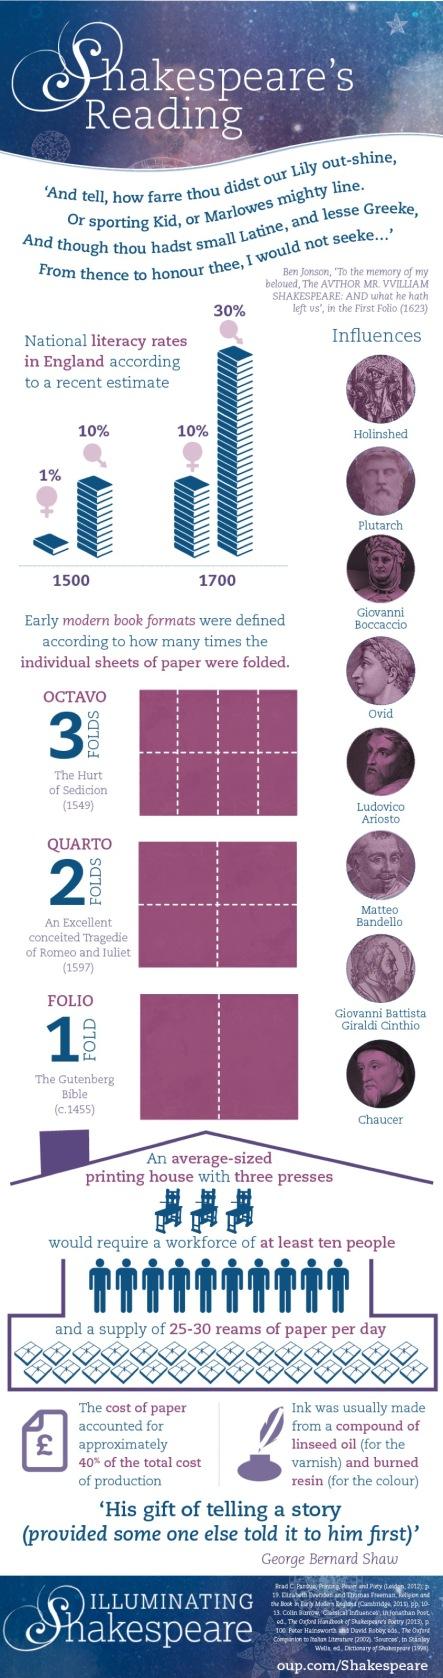 Shakespeares-reading-infographic-full